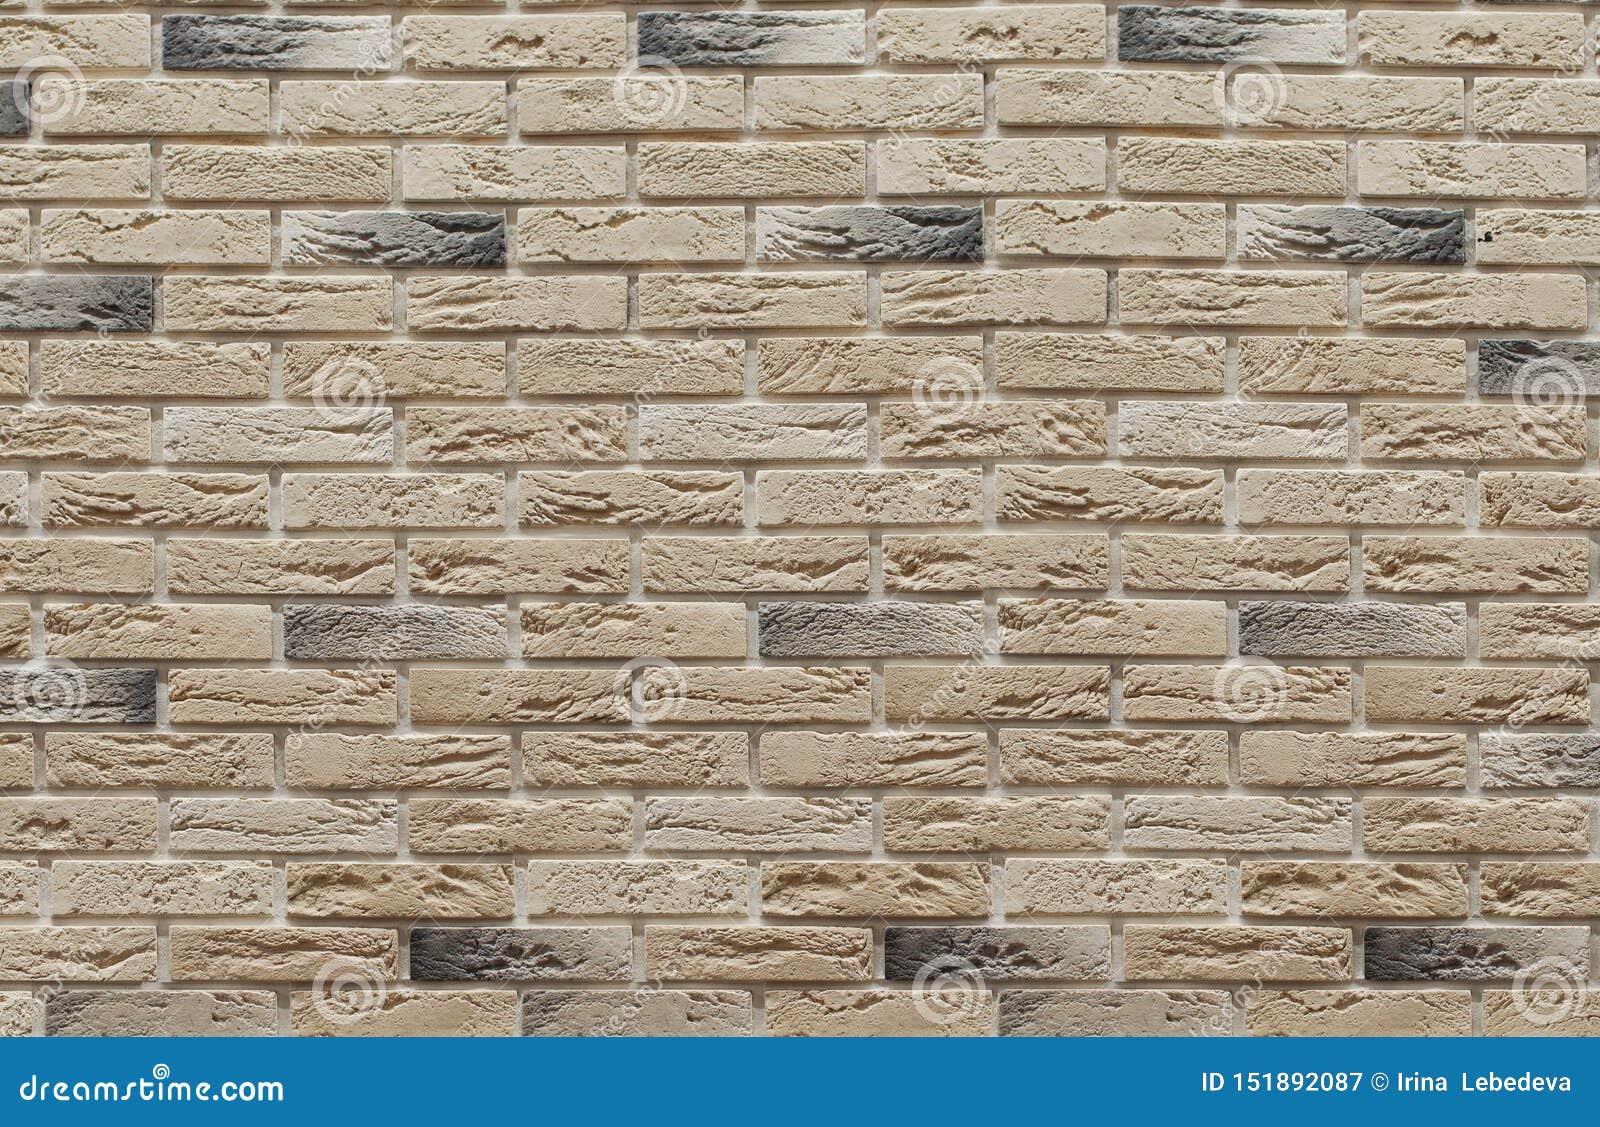 Bakgrund av murverkbrunt och beigea clinkertegelstenar på väggen, som används i reparationen av lokal